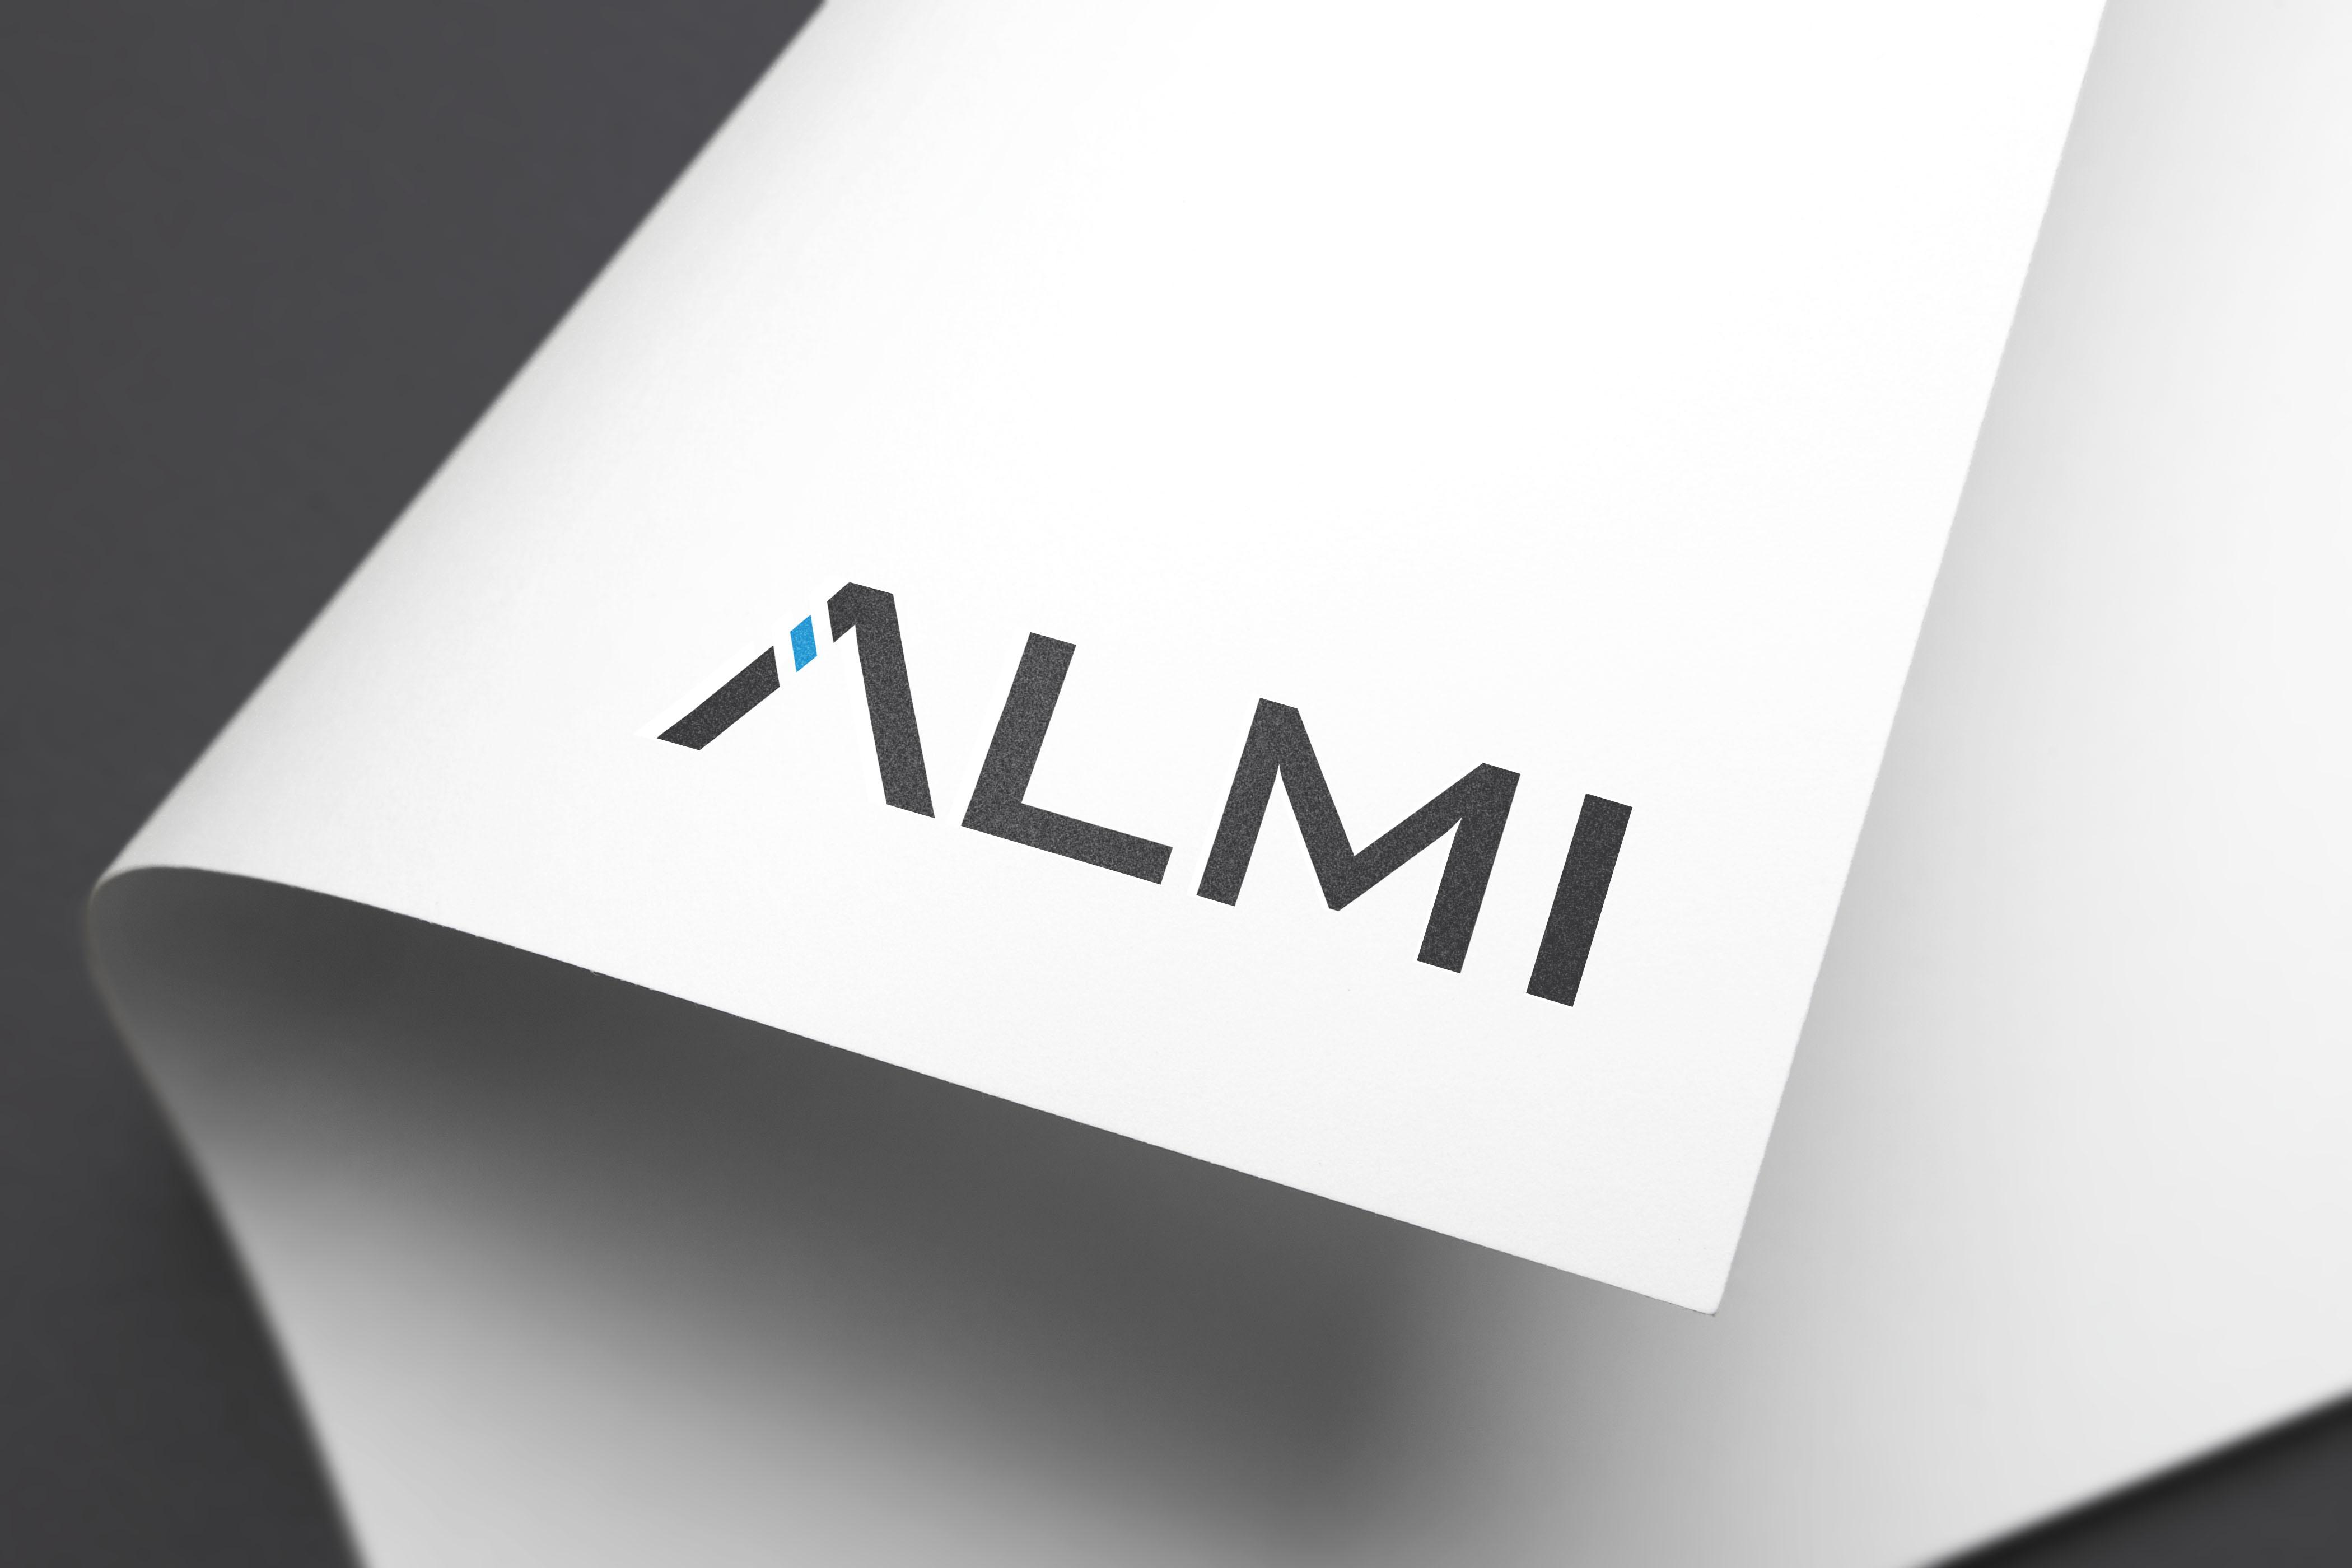 Разработка логотипа и фона фото f_095598c22270a7c7.jpg